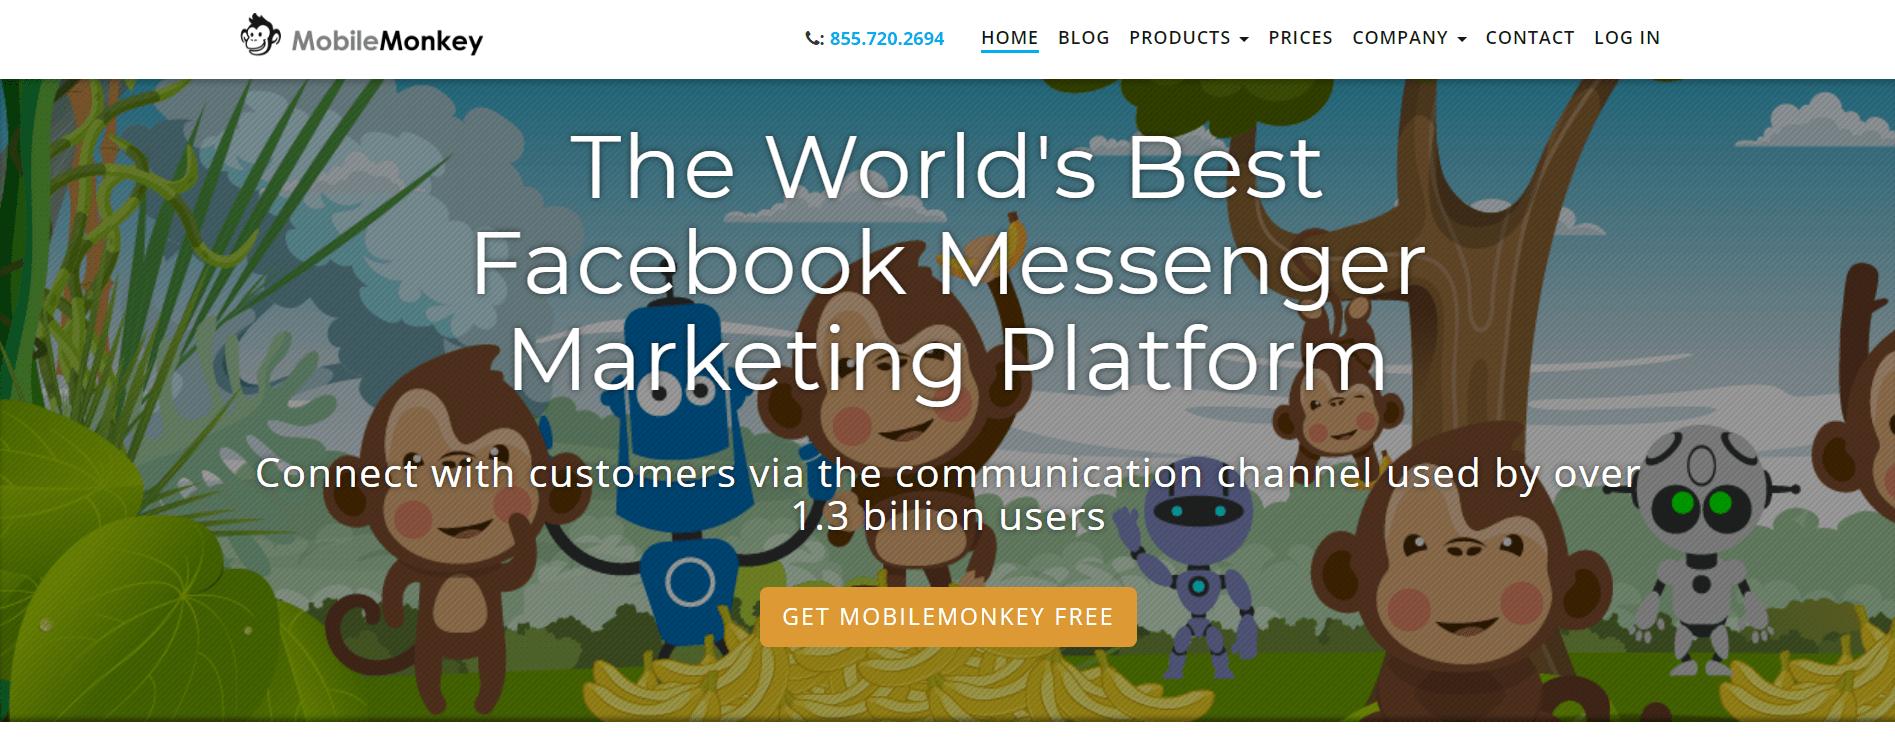 facebook messenger marketing - mobilemonkey chatbot